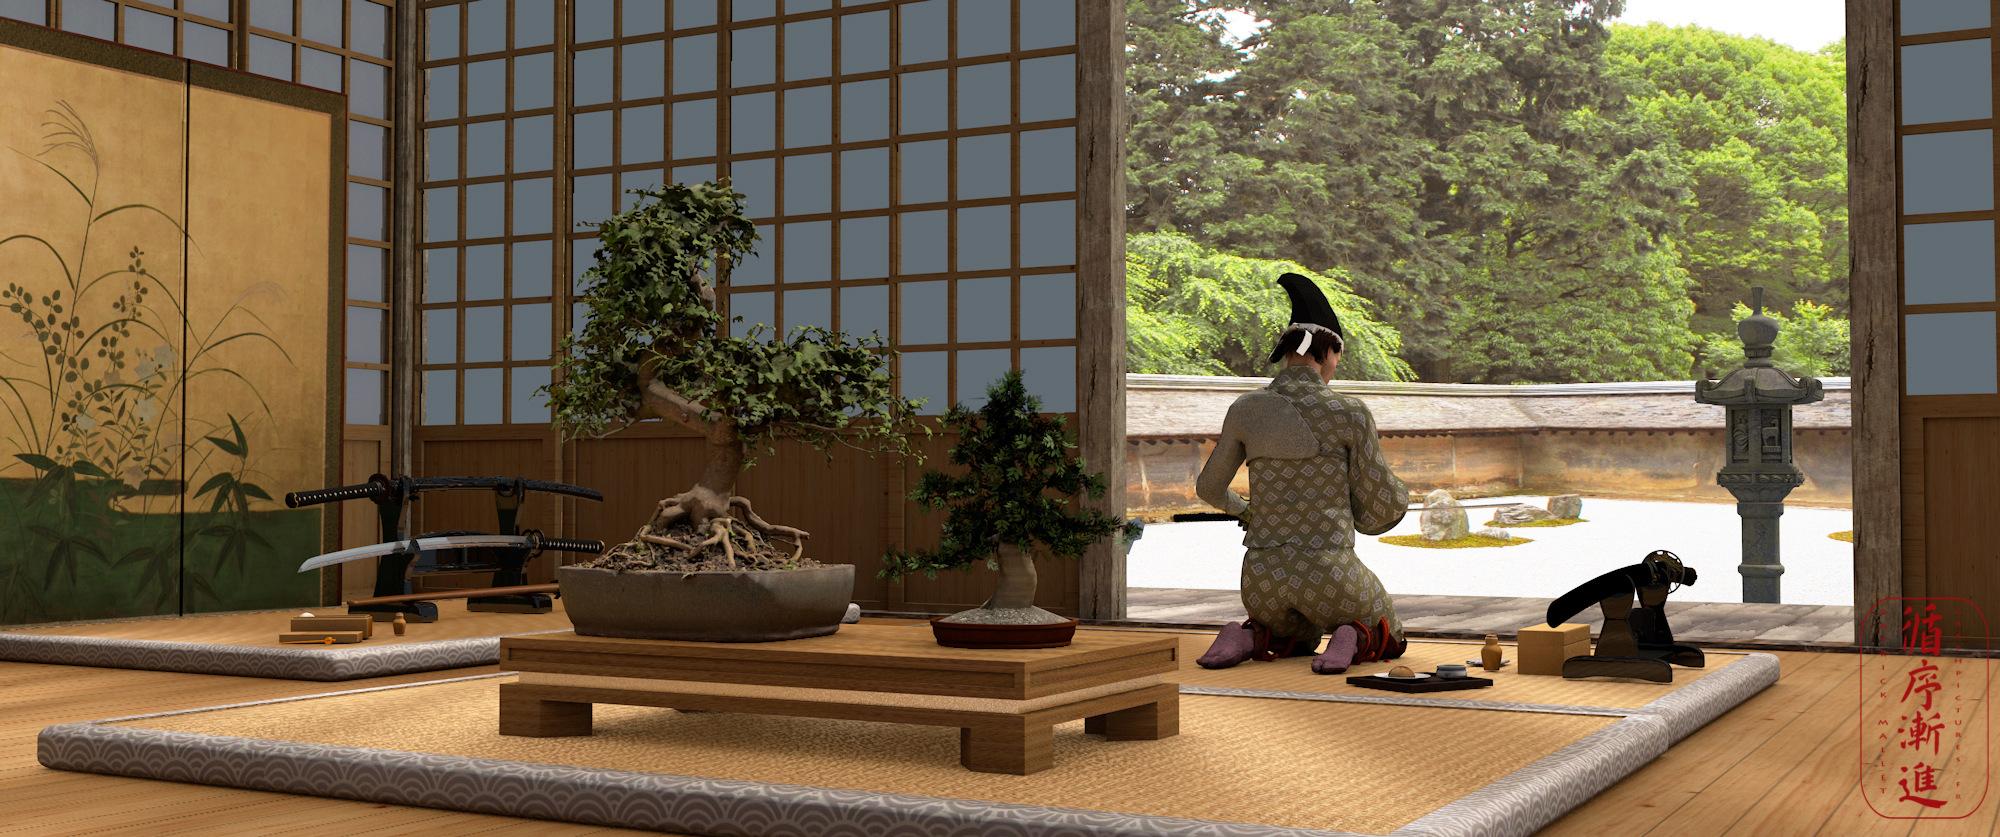 ma vision du  japon - Page 2 Bonsai13